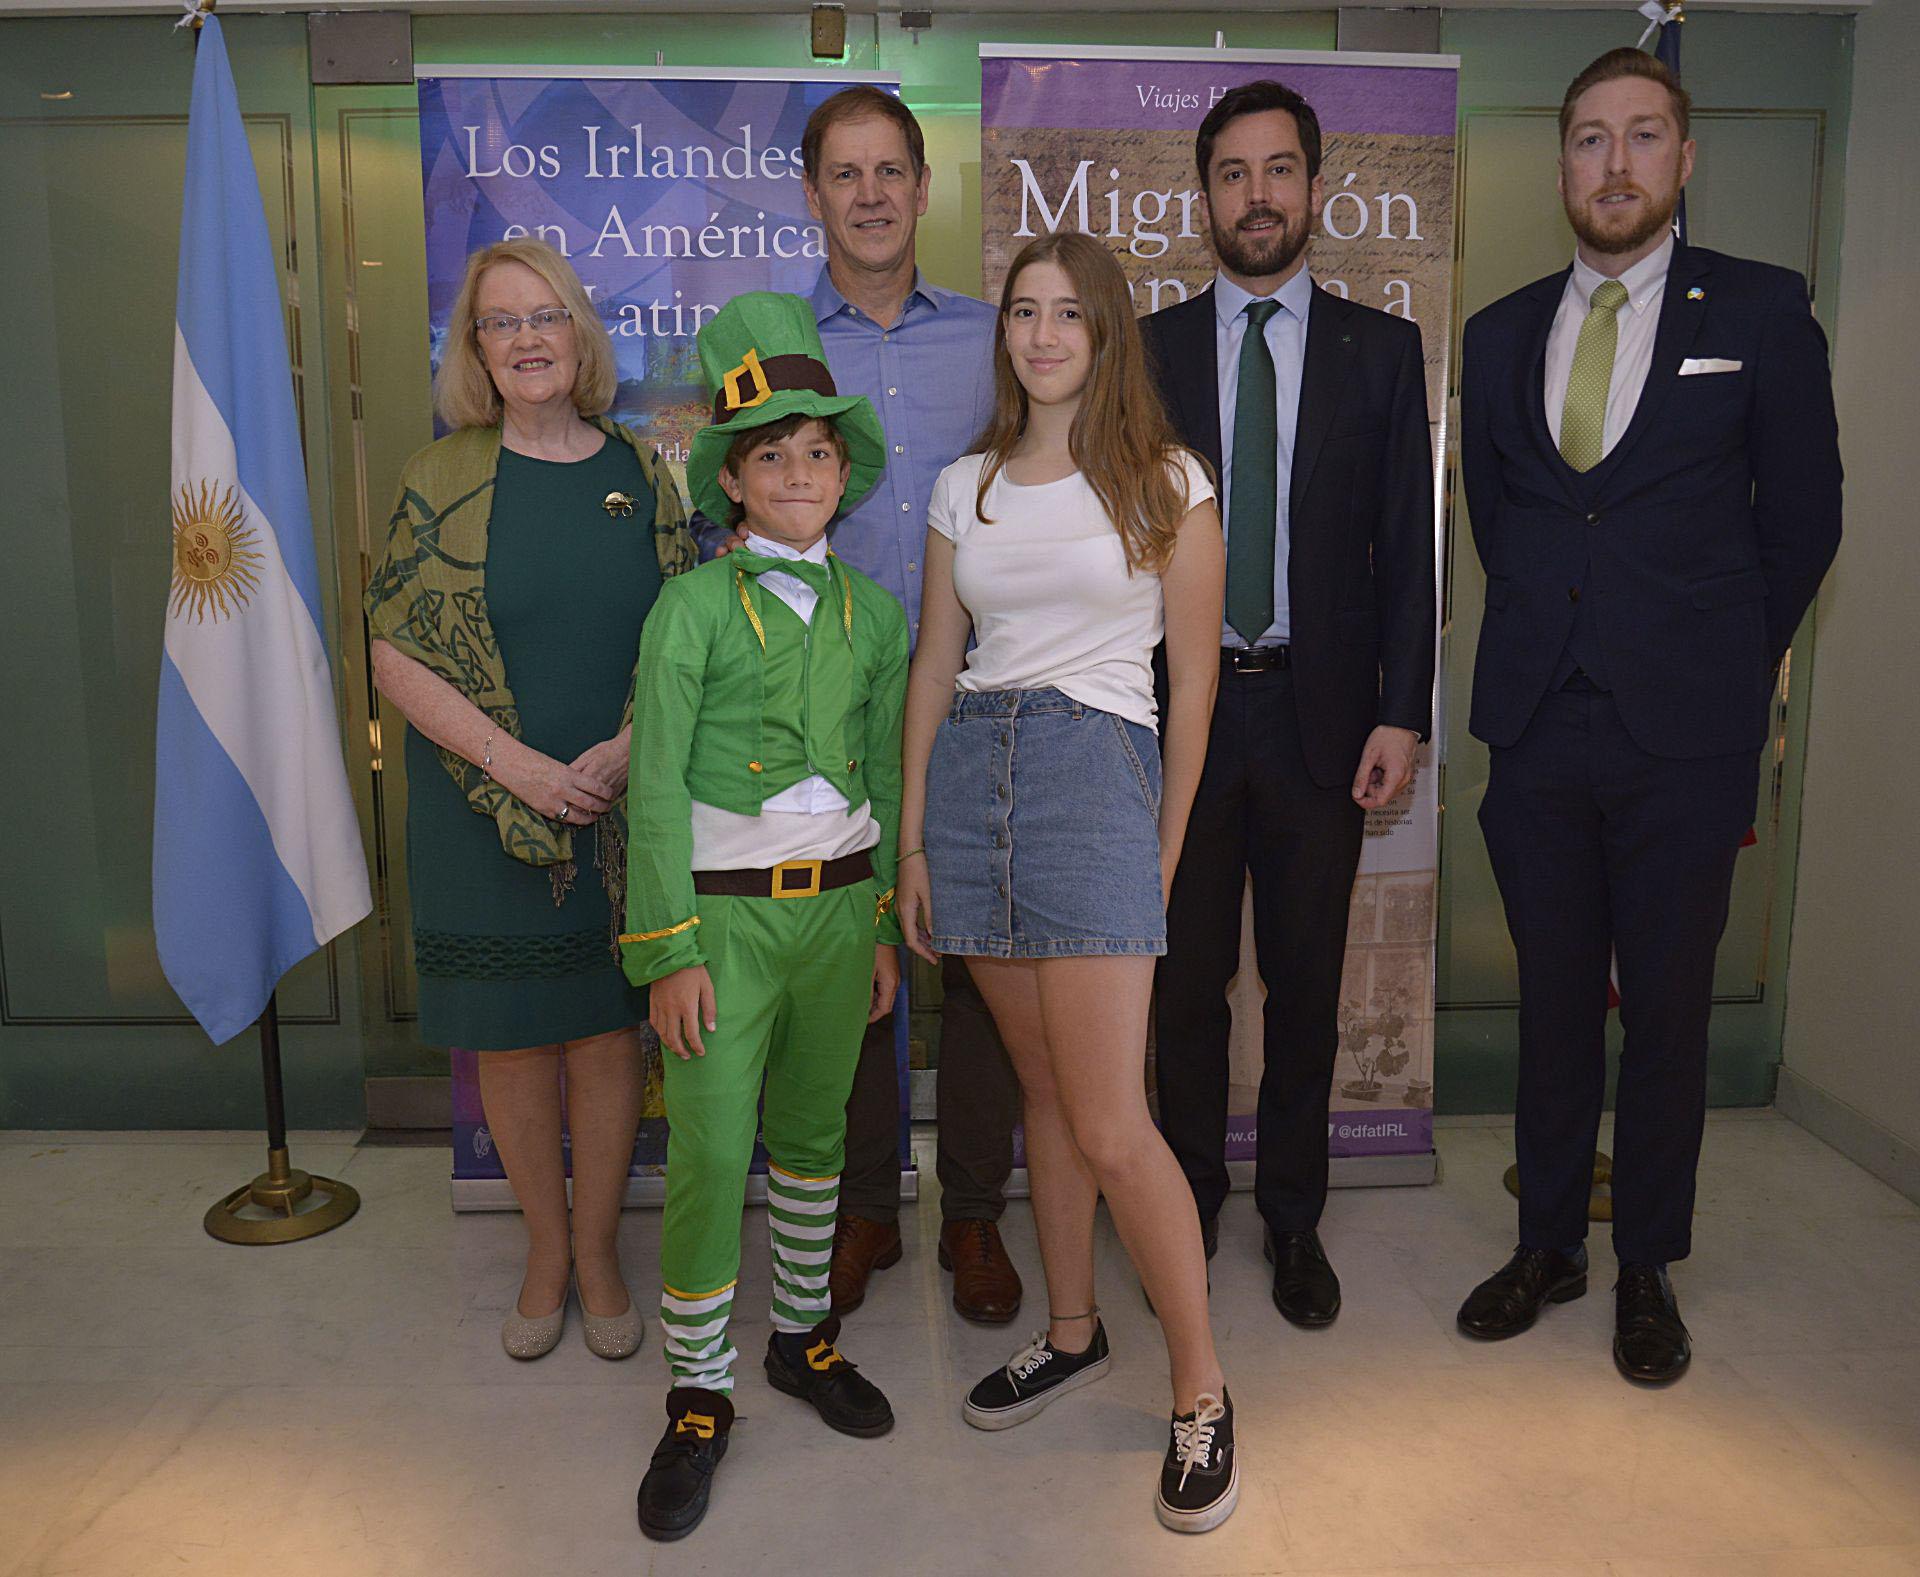 Jacqueline O'Halloran Bernstein, embajadora de Irlanda, Robert Urban, el ministro del Gobierno irlandés Eogan Murphy, el Cónsul de la Embajada de Irlanda Dermot Fitzpatrick y los hijos de Urban, Robbie de 10 años y Dominique de 14